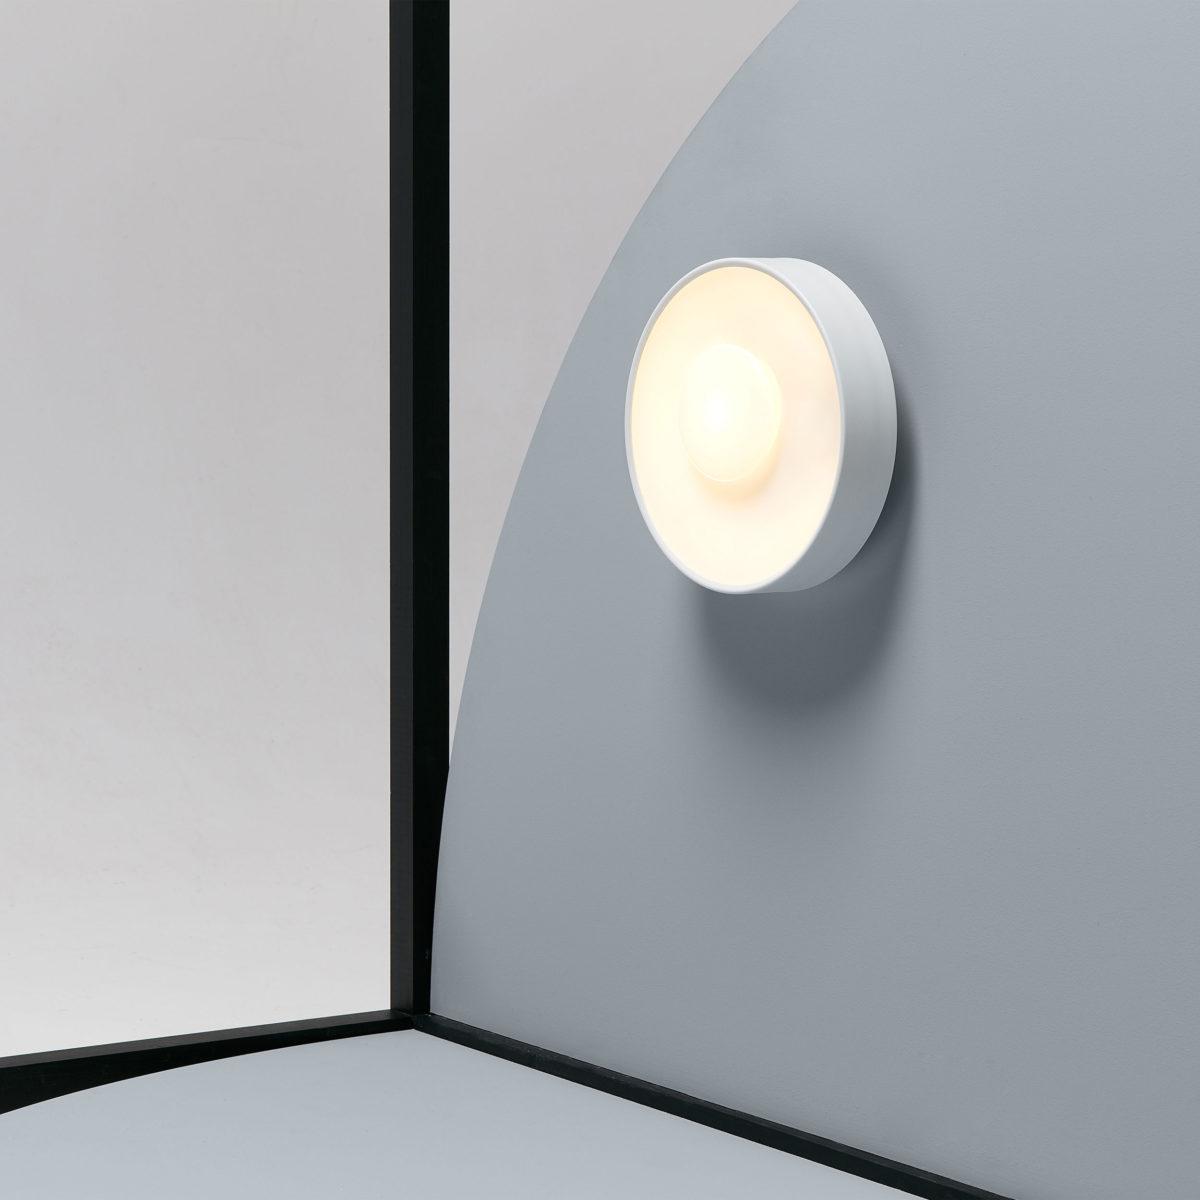 Wall Lamp - Sun